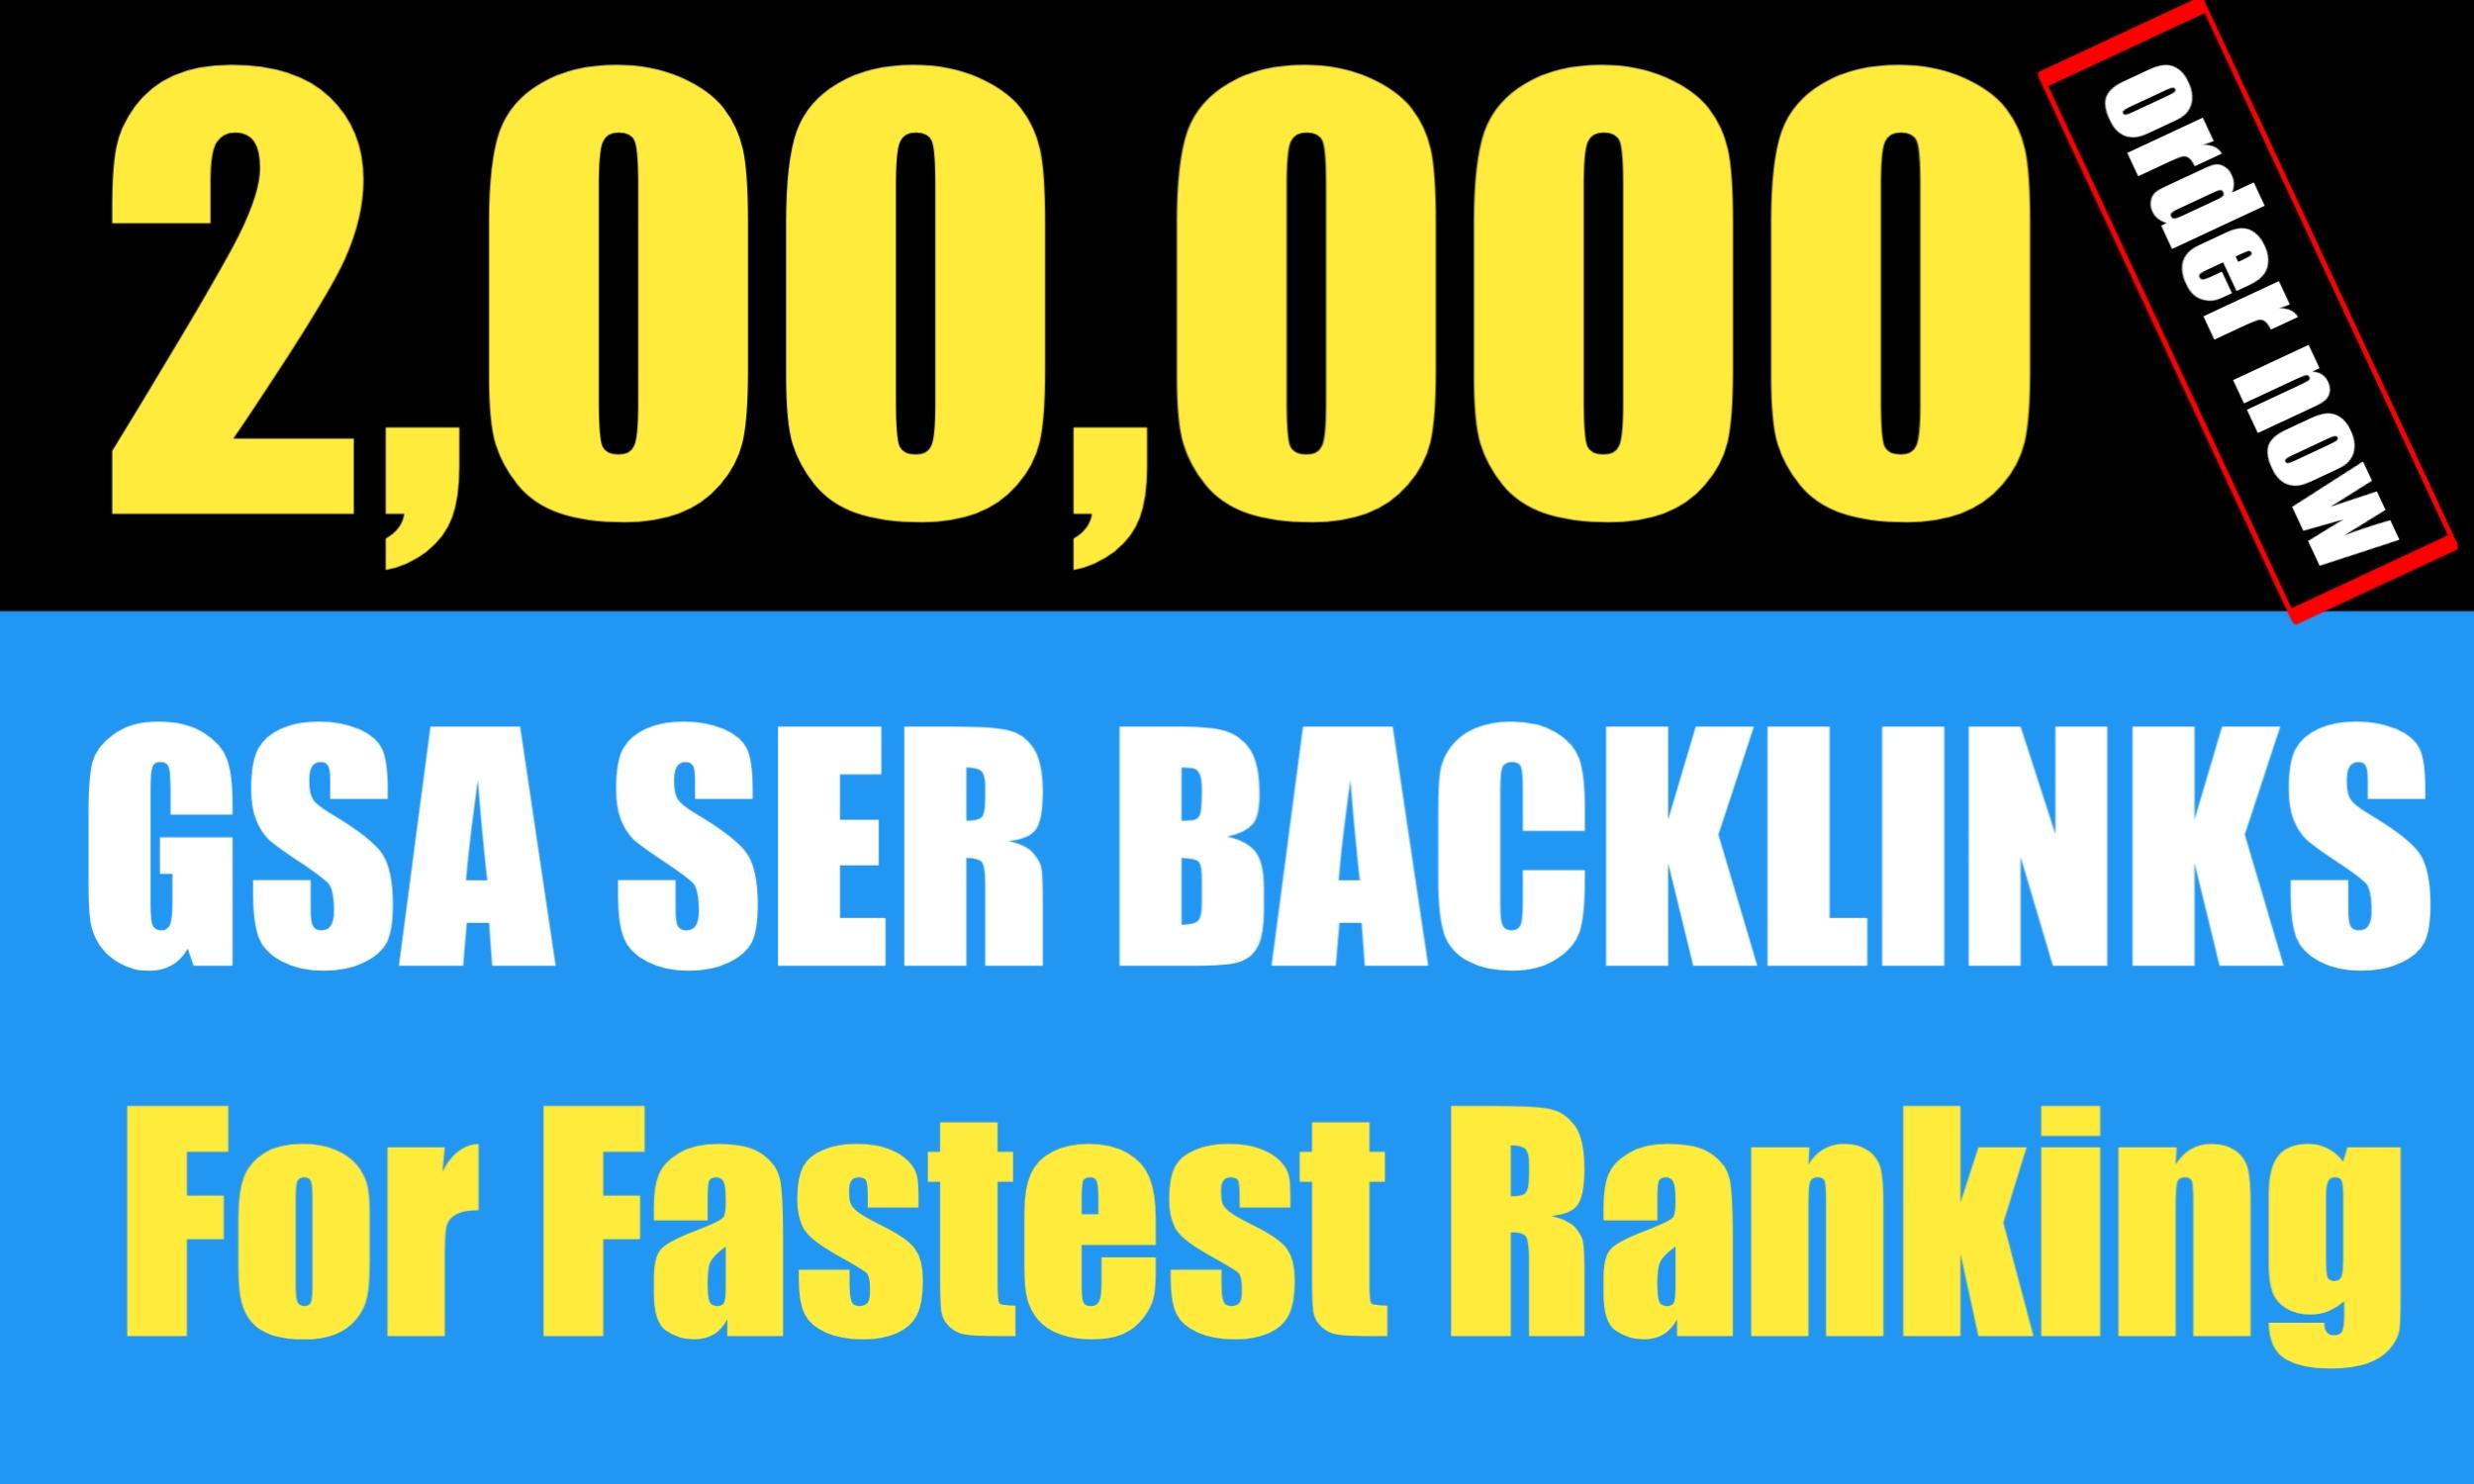 Build 200k GSA SER backlinks For Website Rankings